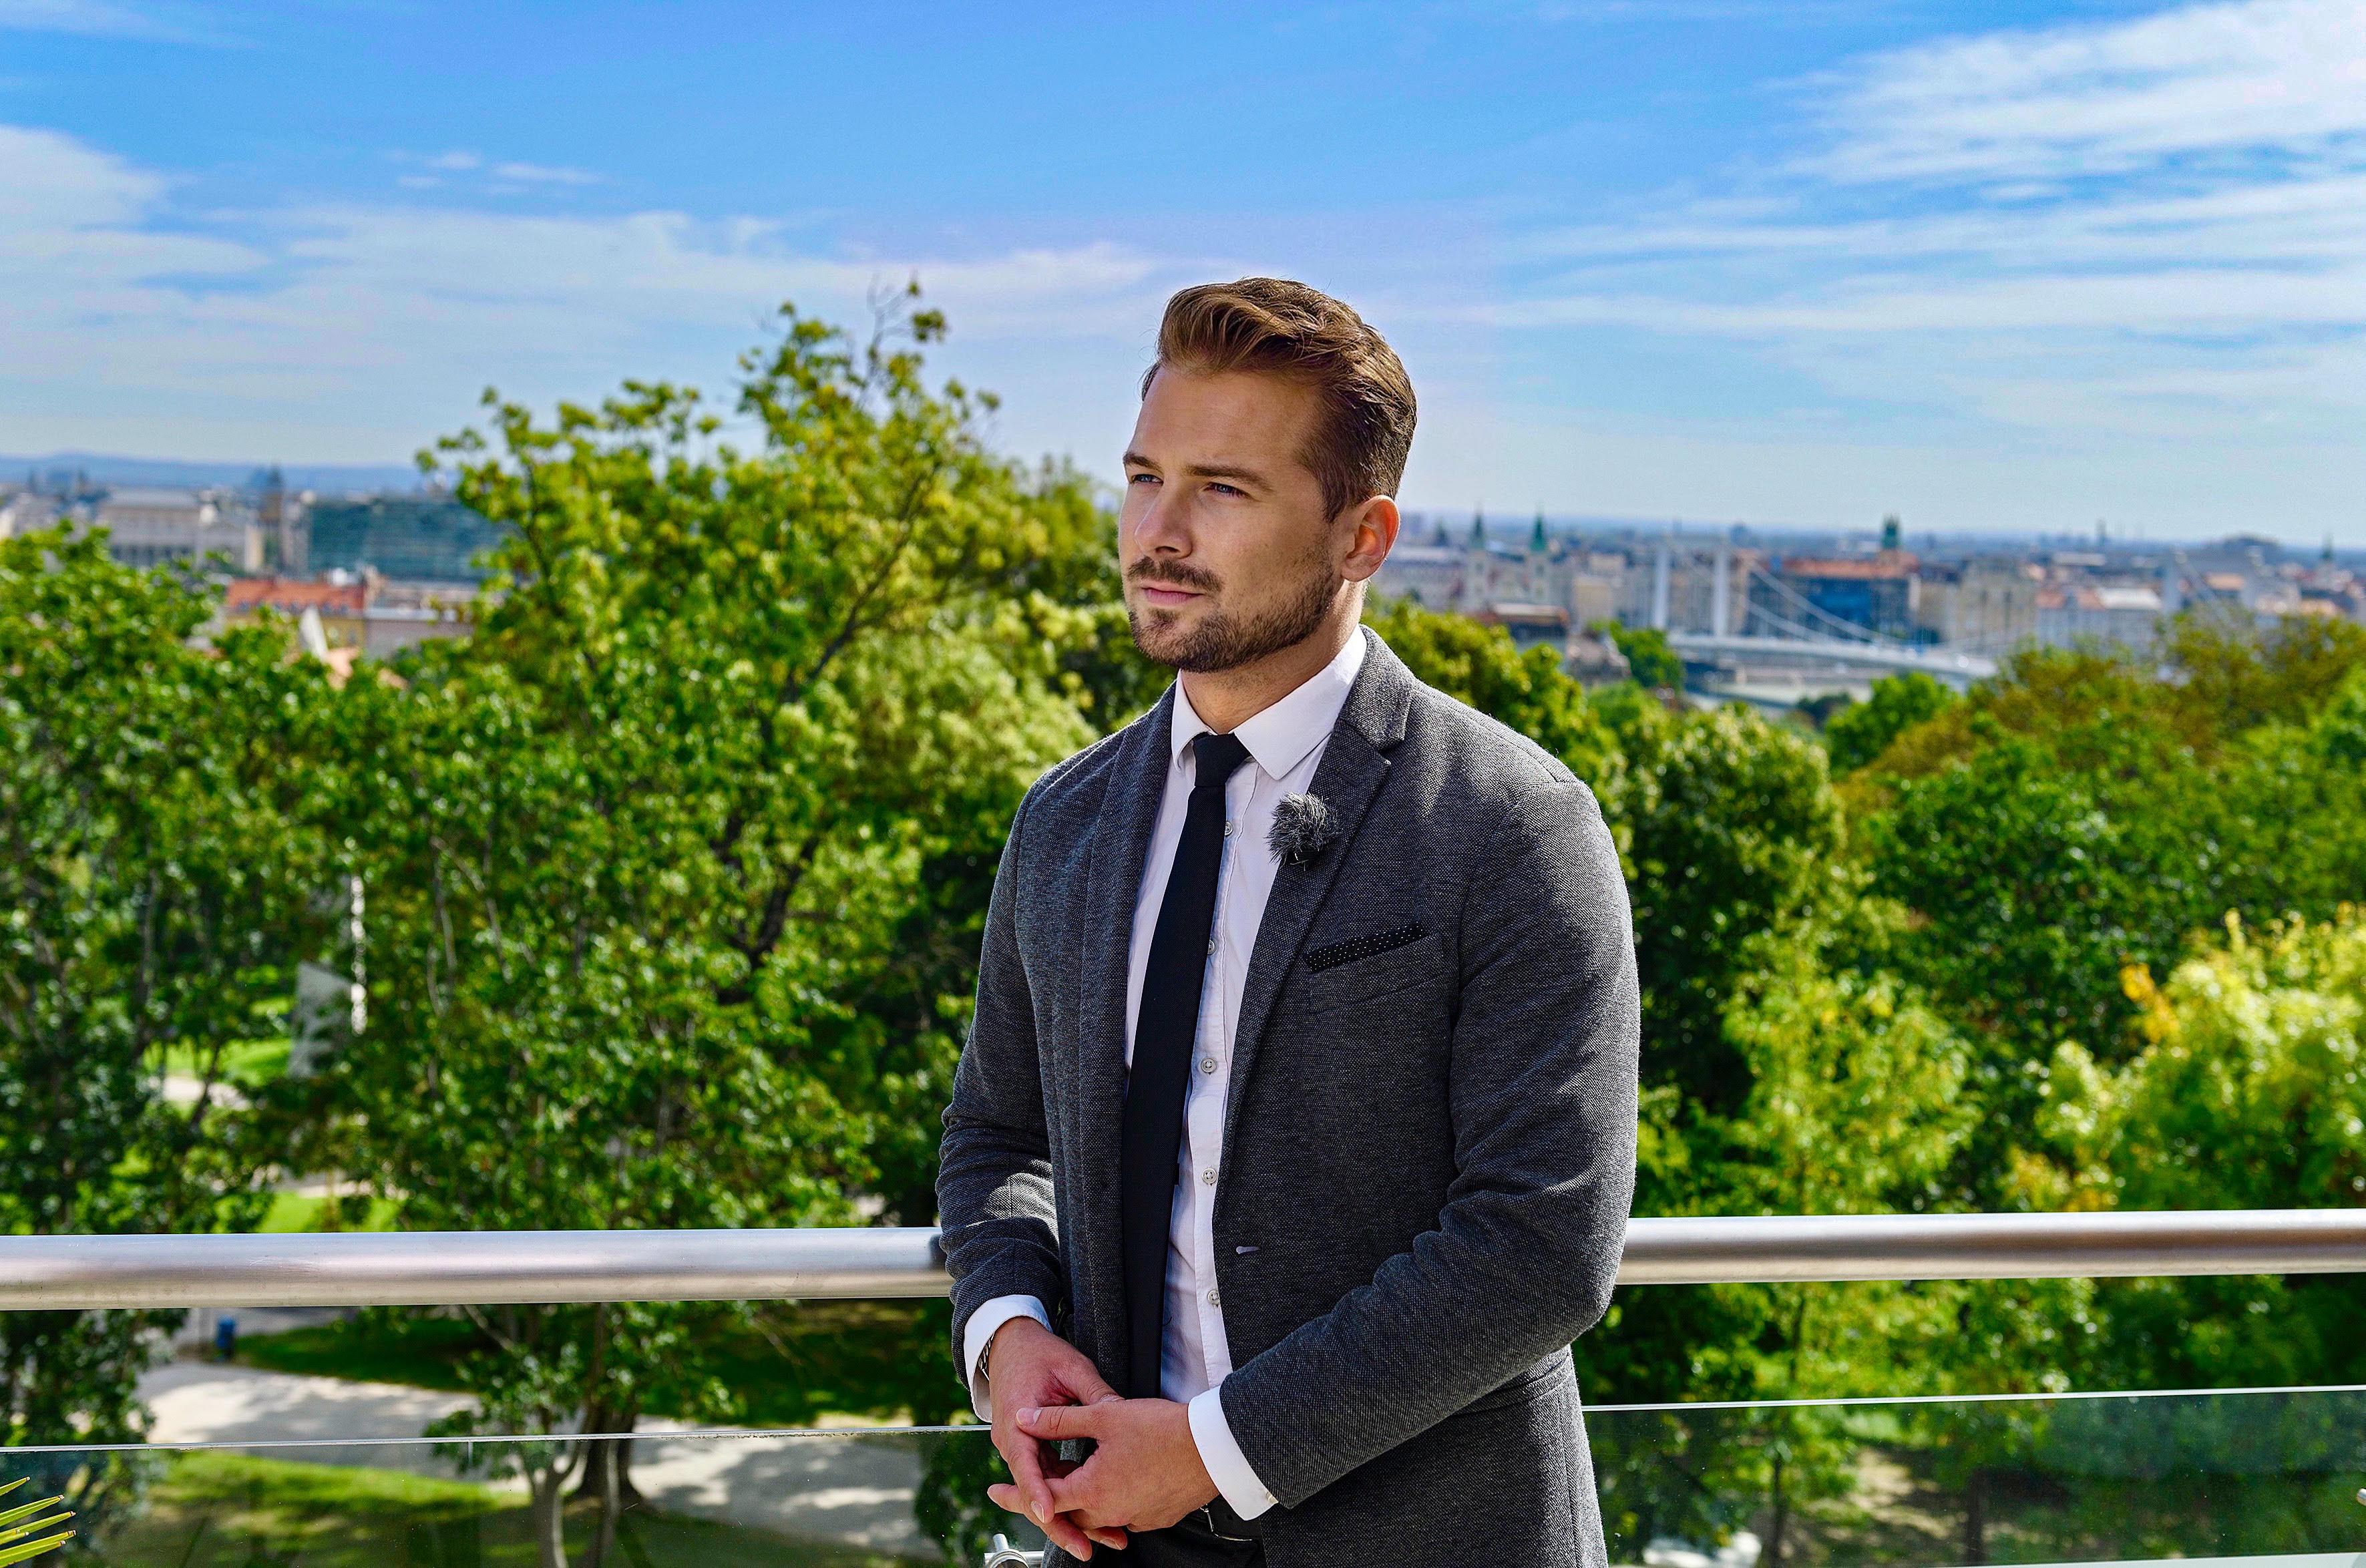 HSUP a fiatal magyar vállalkozókért, startupperekért